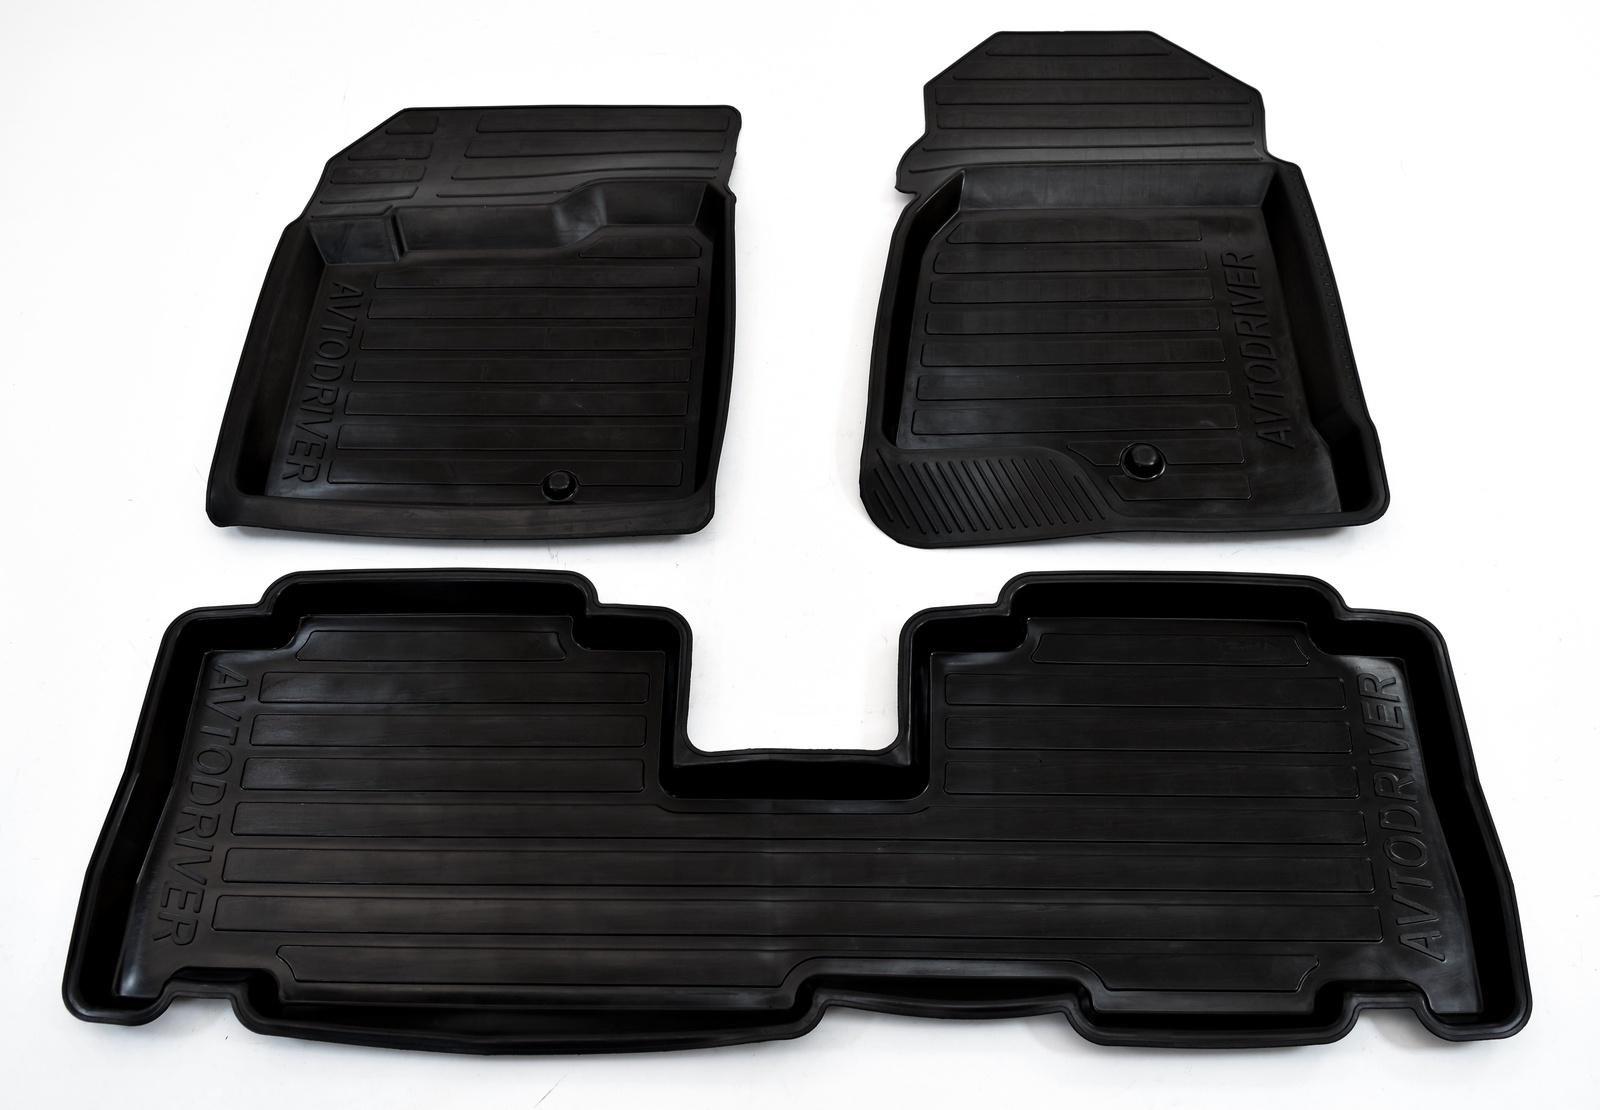 цена на Коврики в салон автомобиля Avtodriver резиновые с бортиком для Chevrolet Captiva (2011-2013-), ADRAVG016, черный